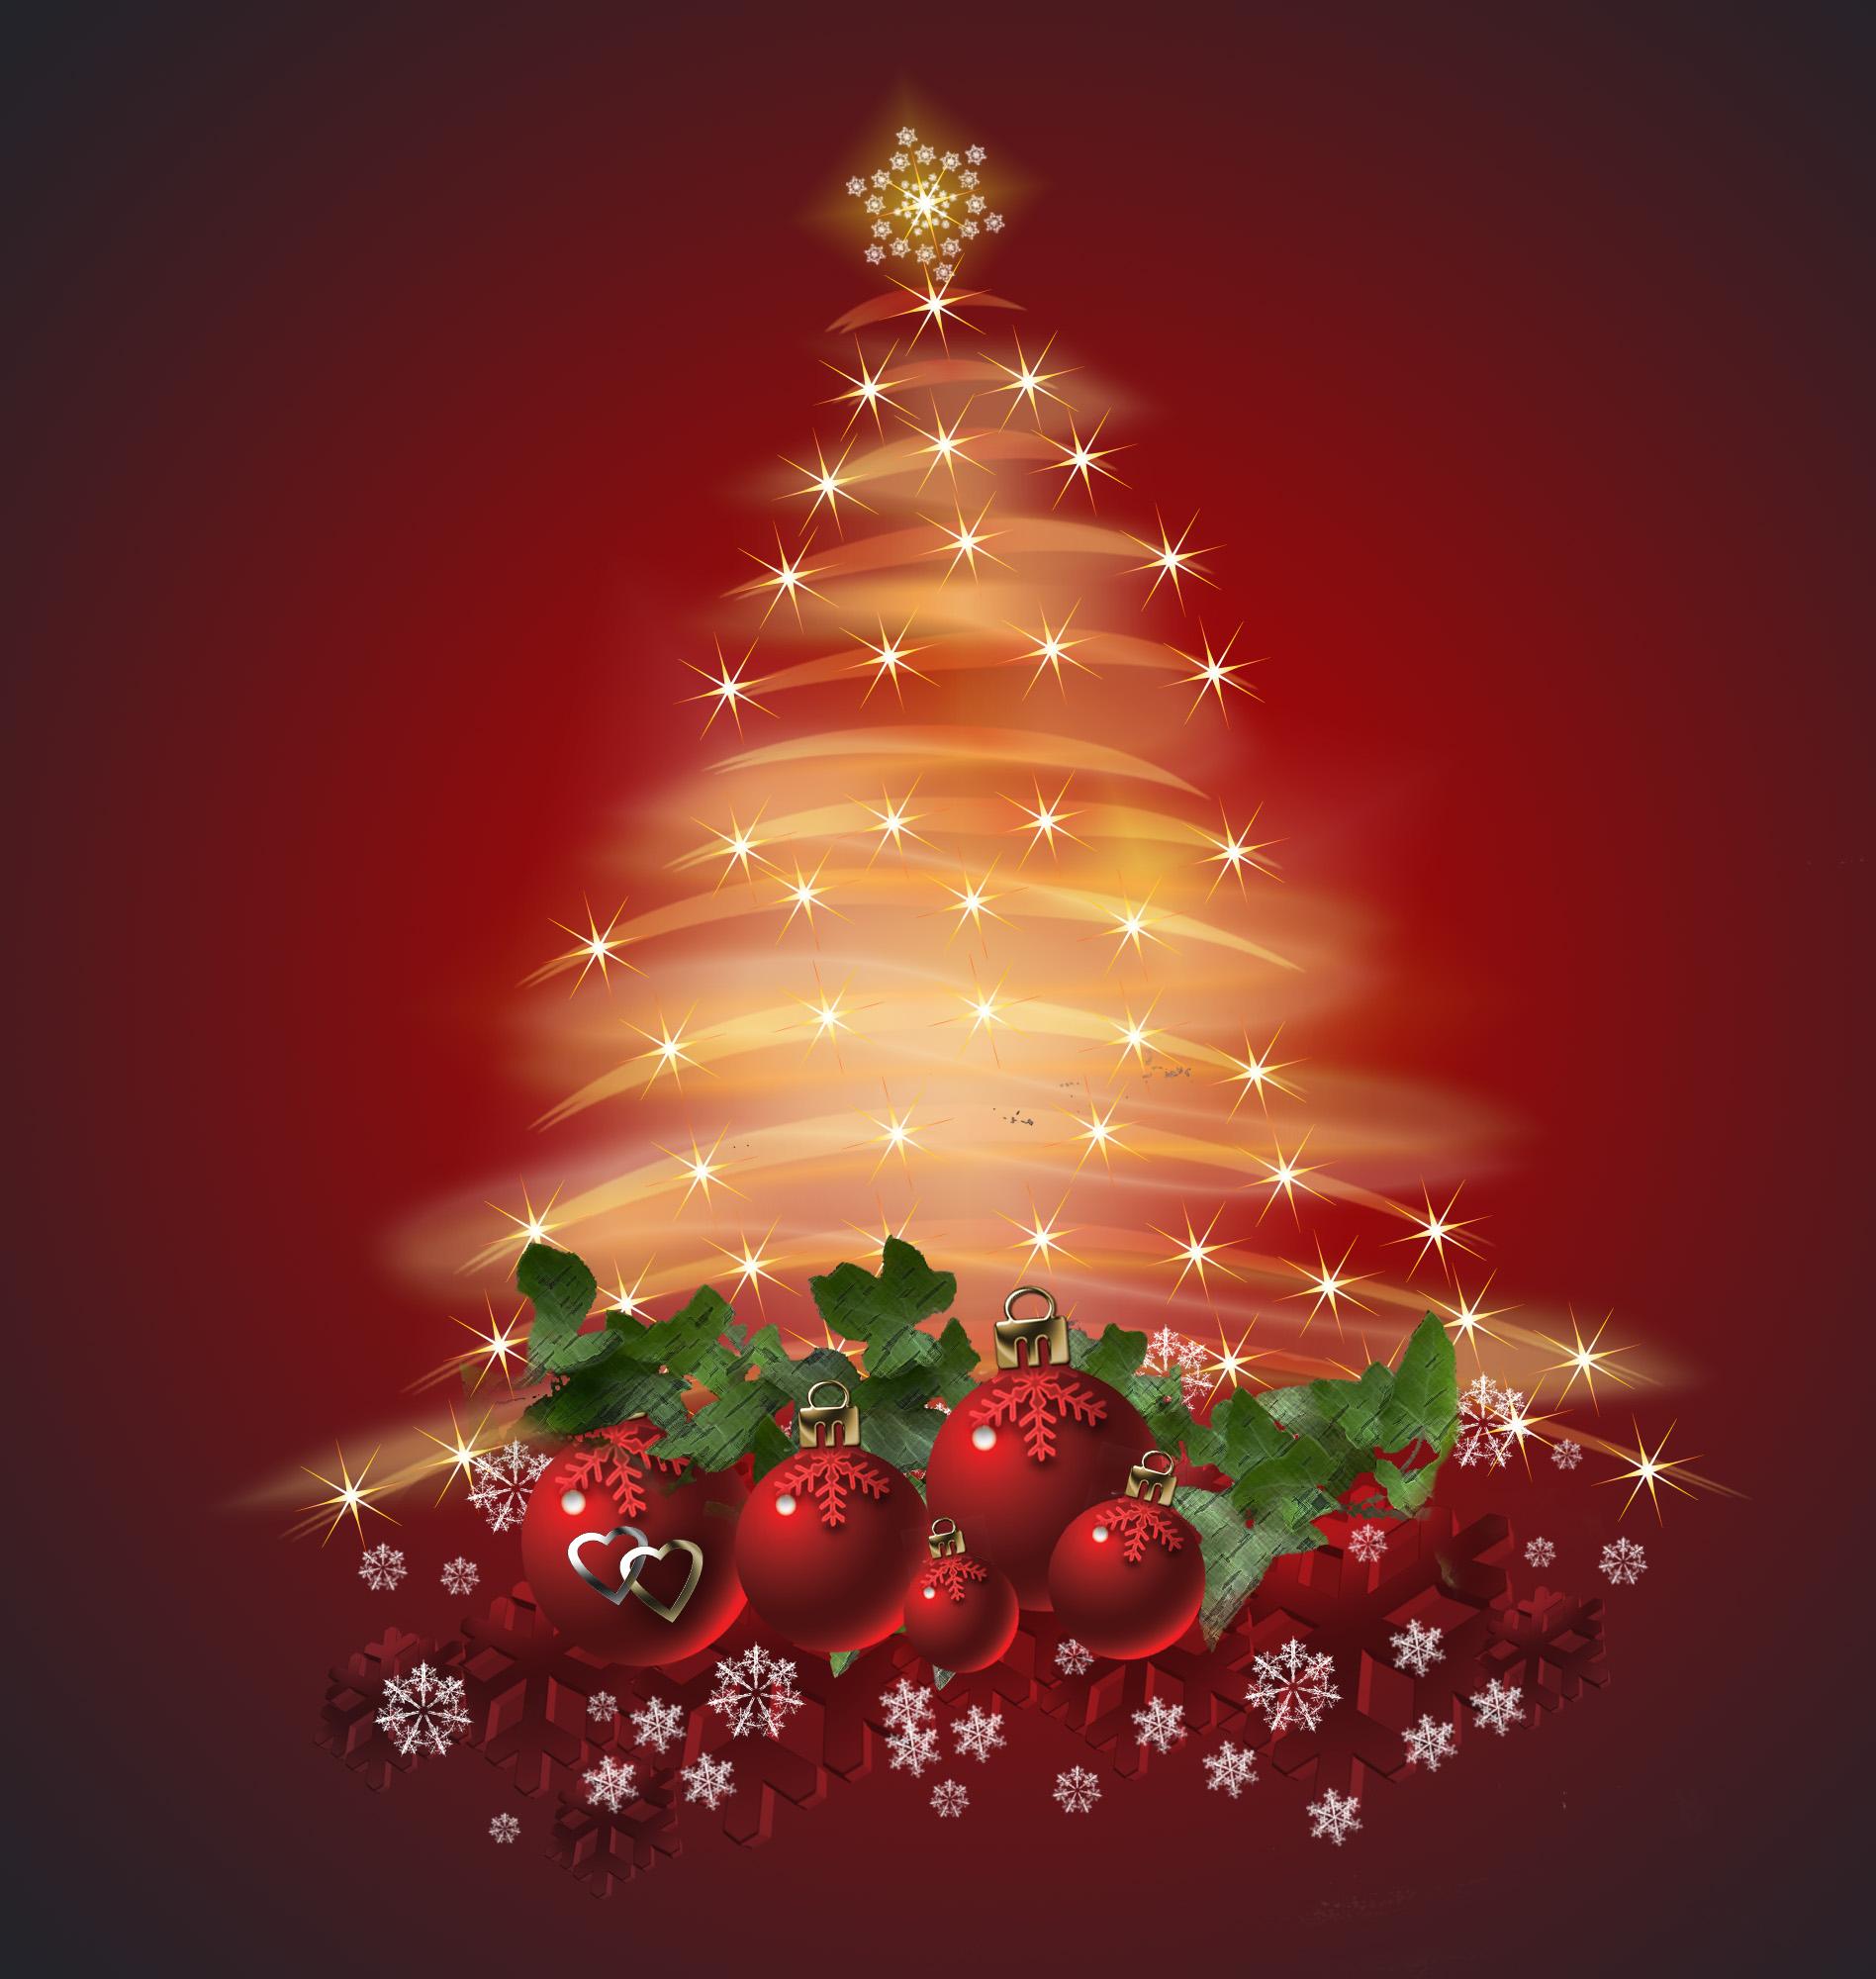 Новогодняя открытка с елкой и поздравлением, подруге скучаю